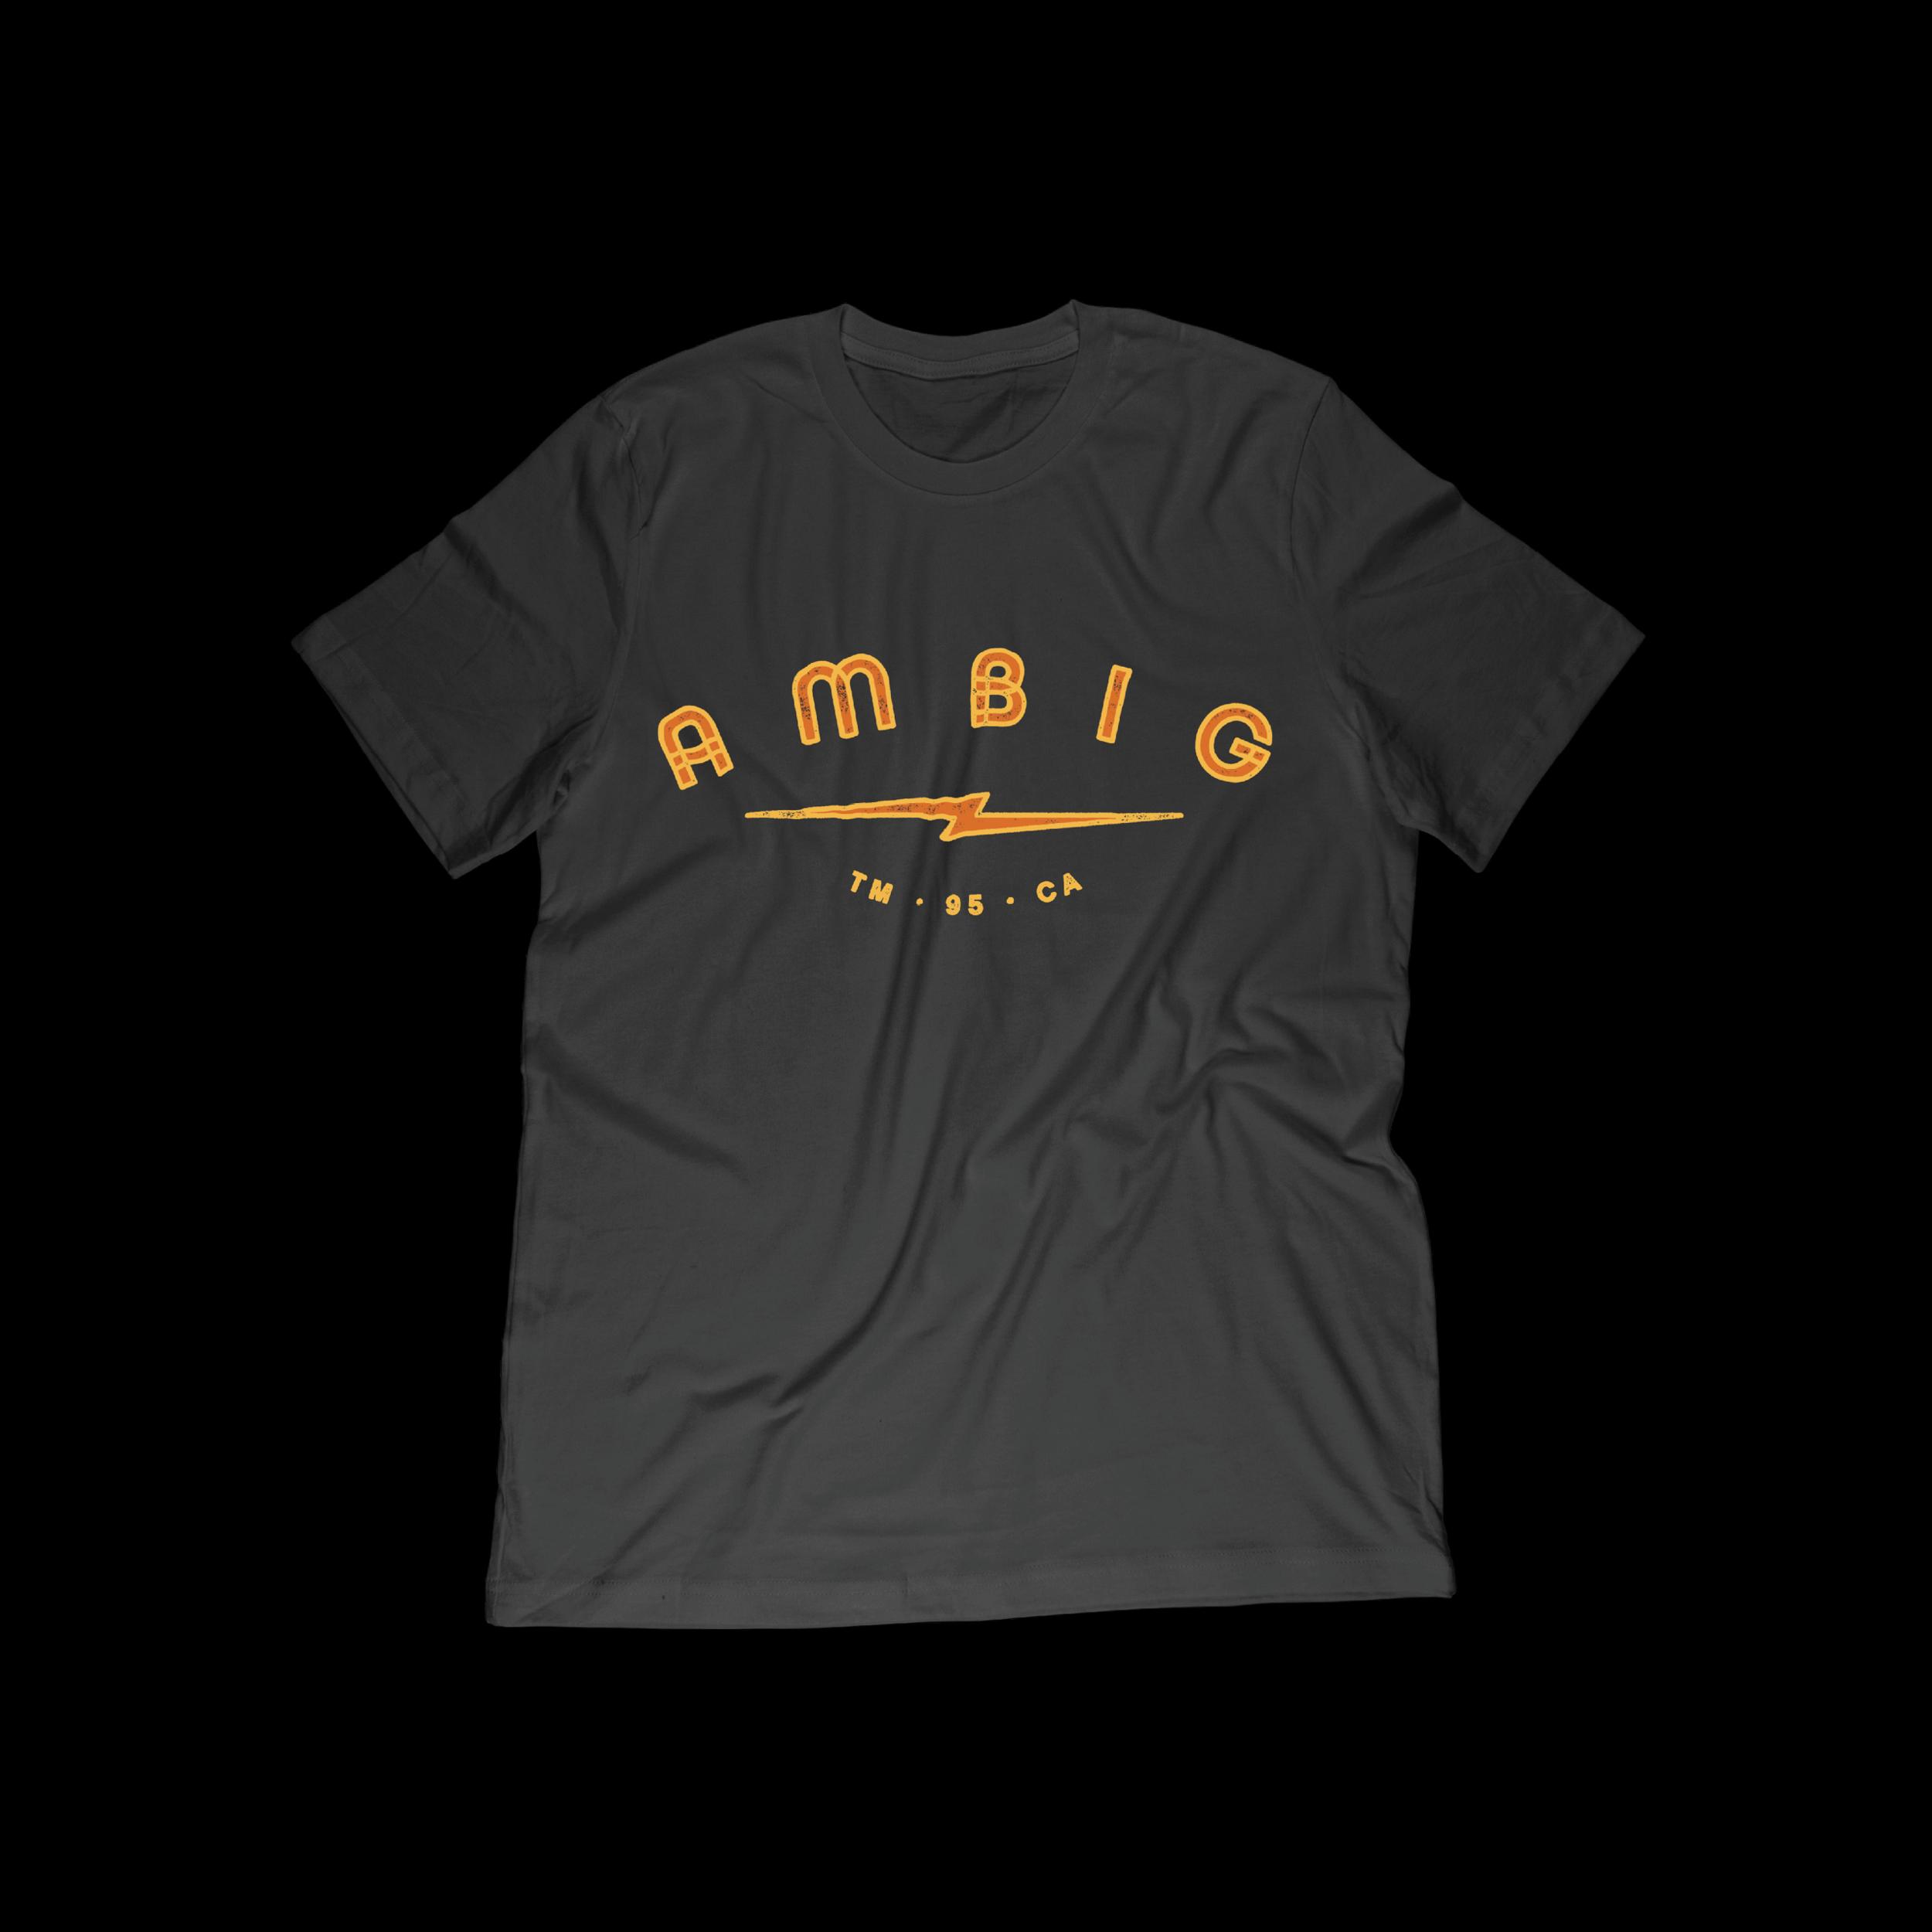 Ambig-MockUps-0526198.png